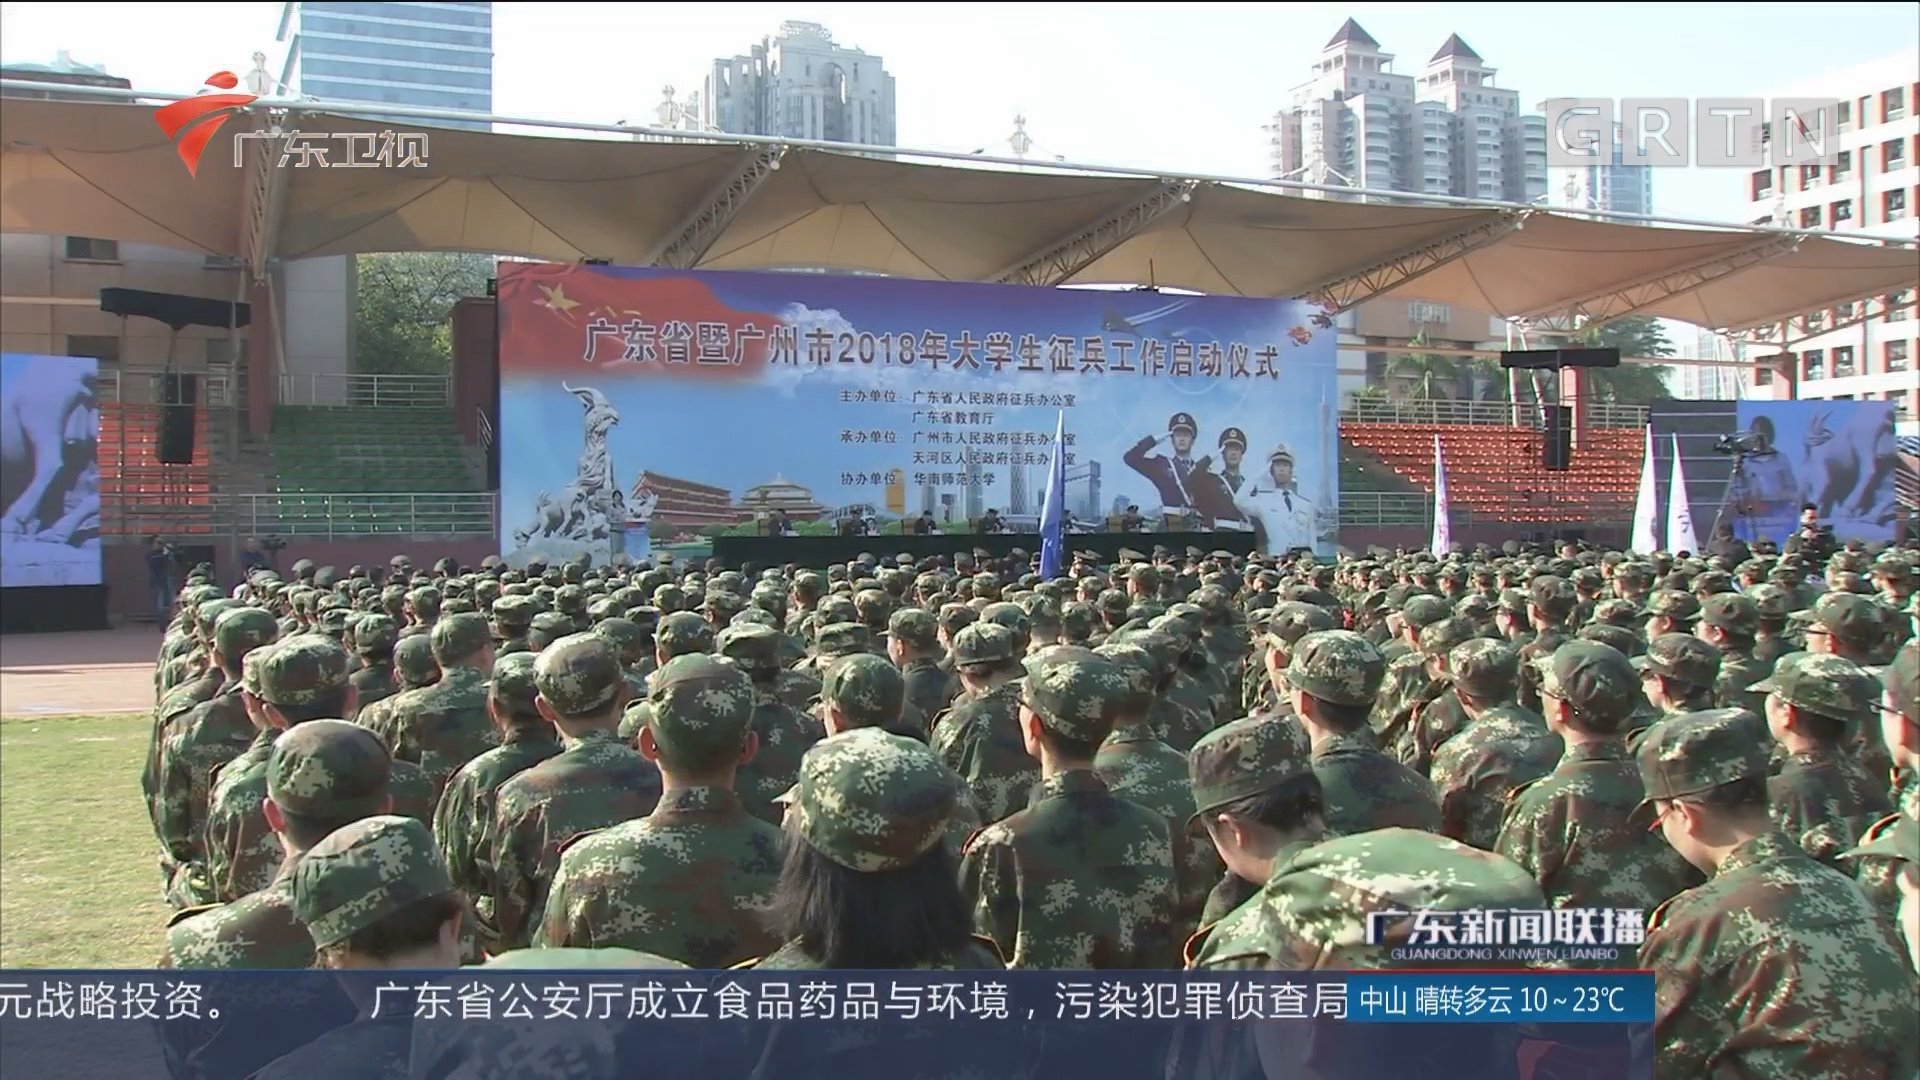 2018年广东大学生征兵工作正式启动